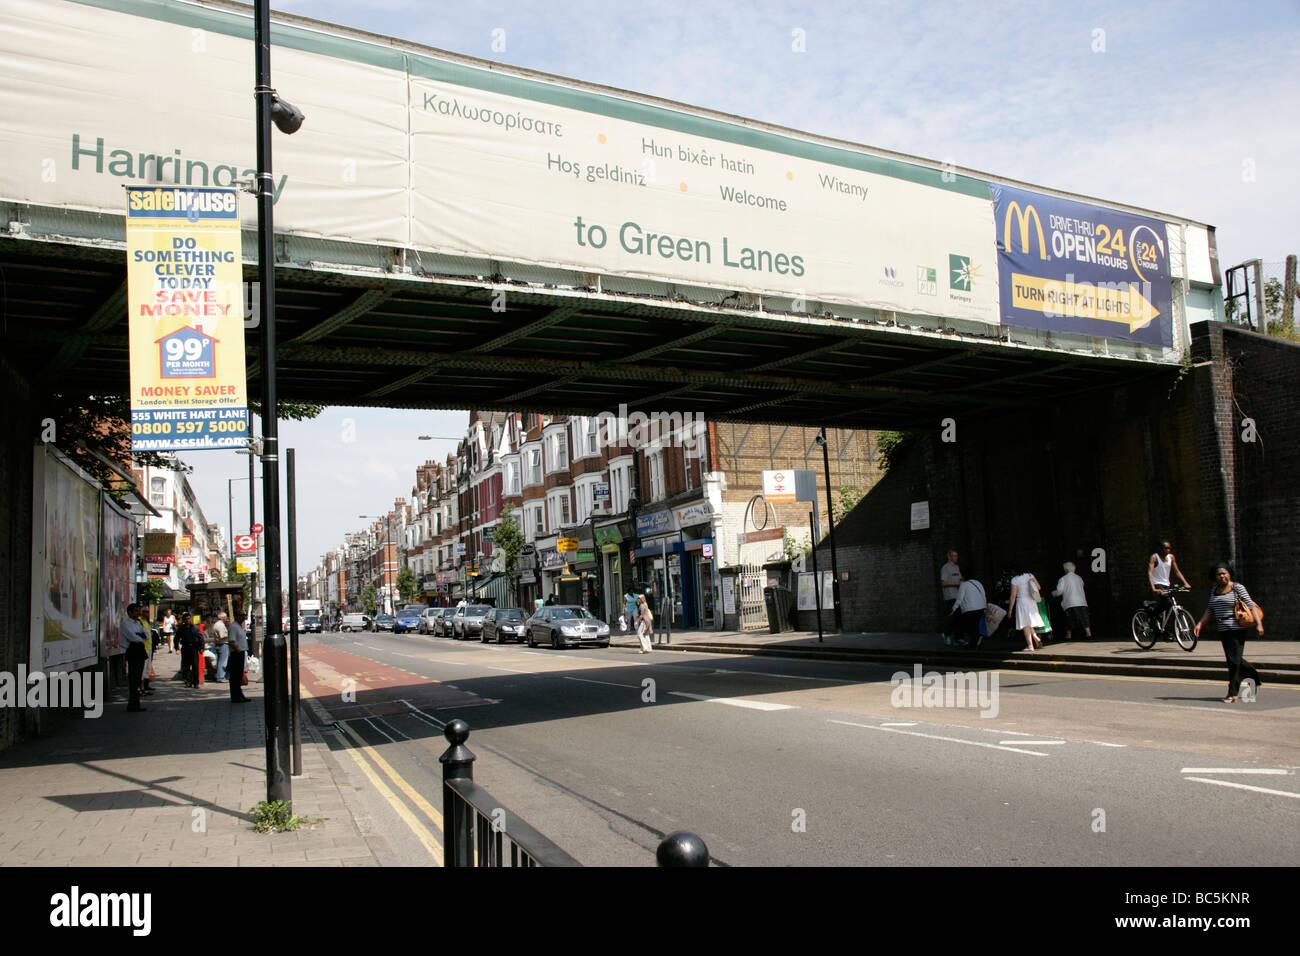 Green Lanes in Haringey, London, UK - Stock Image